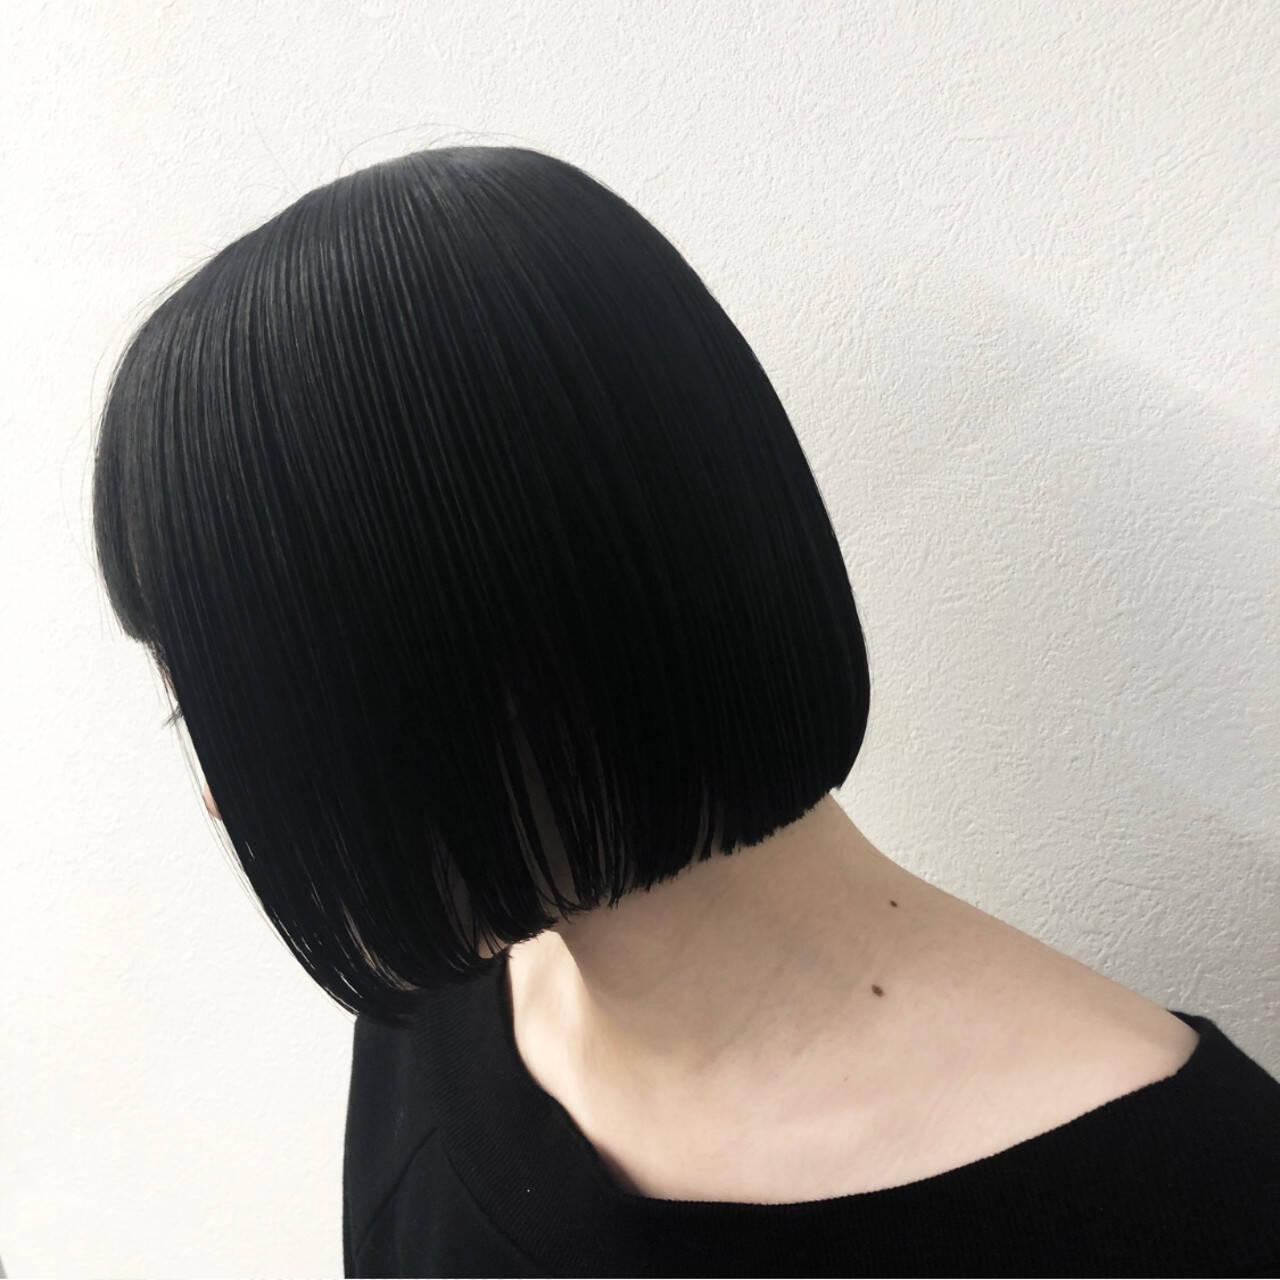 モード ショートヘア 外国人風 デートヘアスタイルや髪型の写真・画像